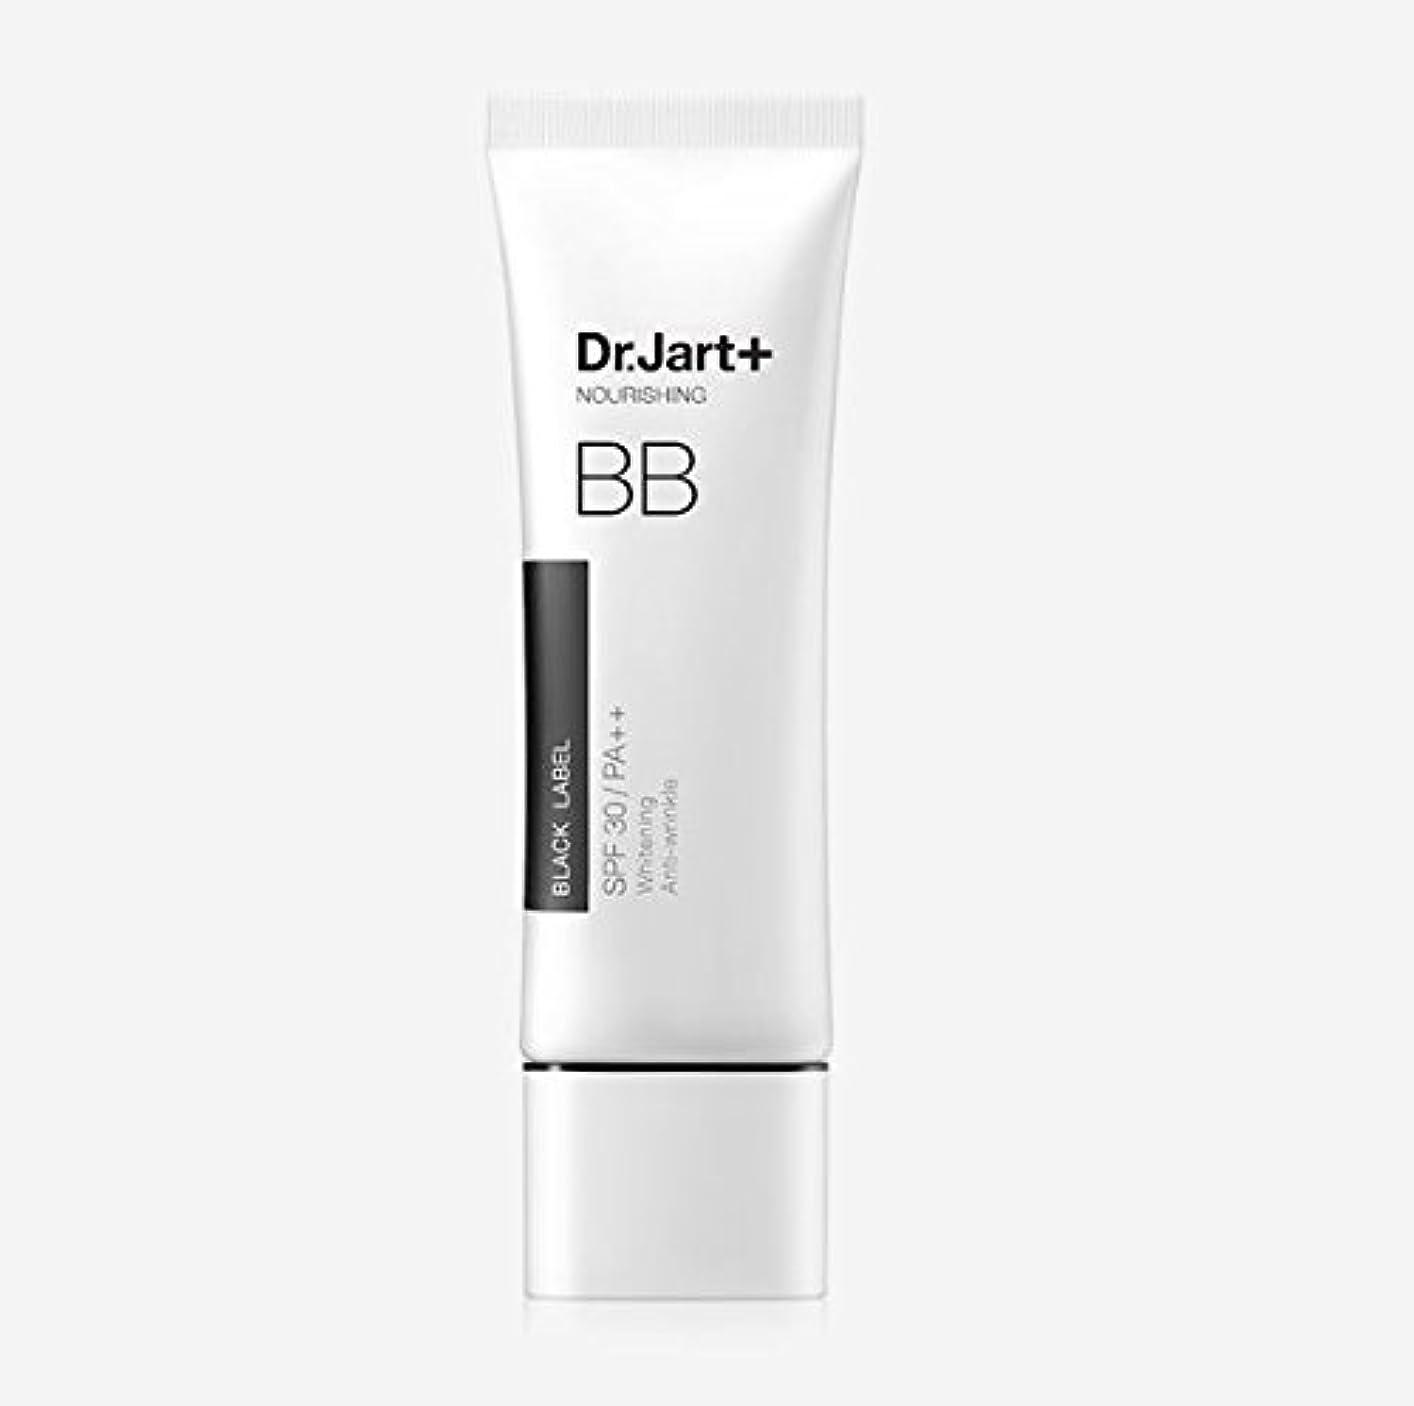 ホラーファイナンスエキス[Dr. Jart] Black Label BB Nourishing Beauty Balm 50ml SPF30 PA++/[ドクタージャルト] ブラックラベル BB ナリーシン ビューティー バーム 50ml SPF30...